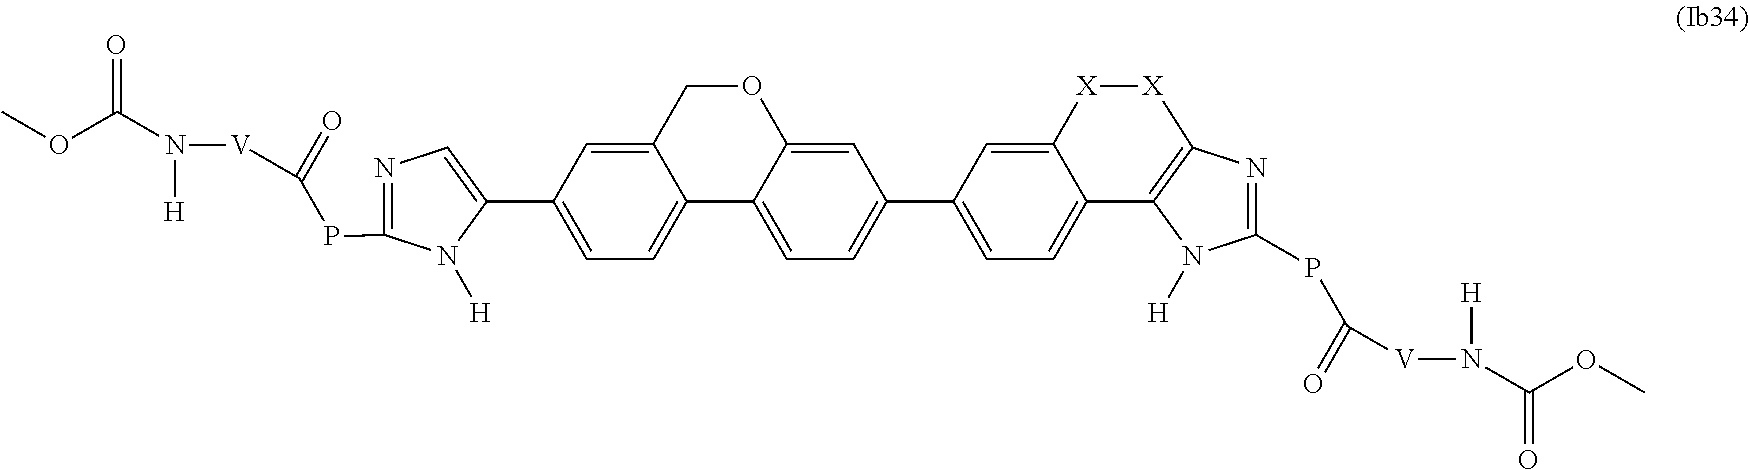 Figure US08273341-20120925-C00380